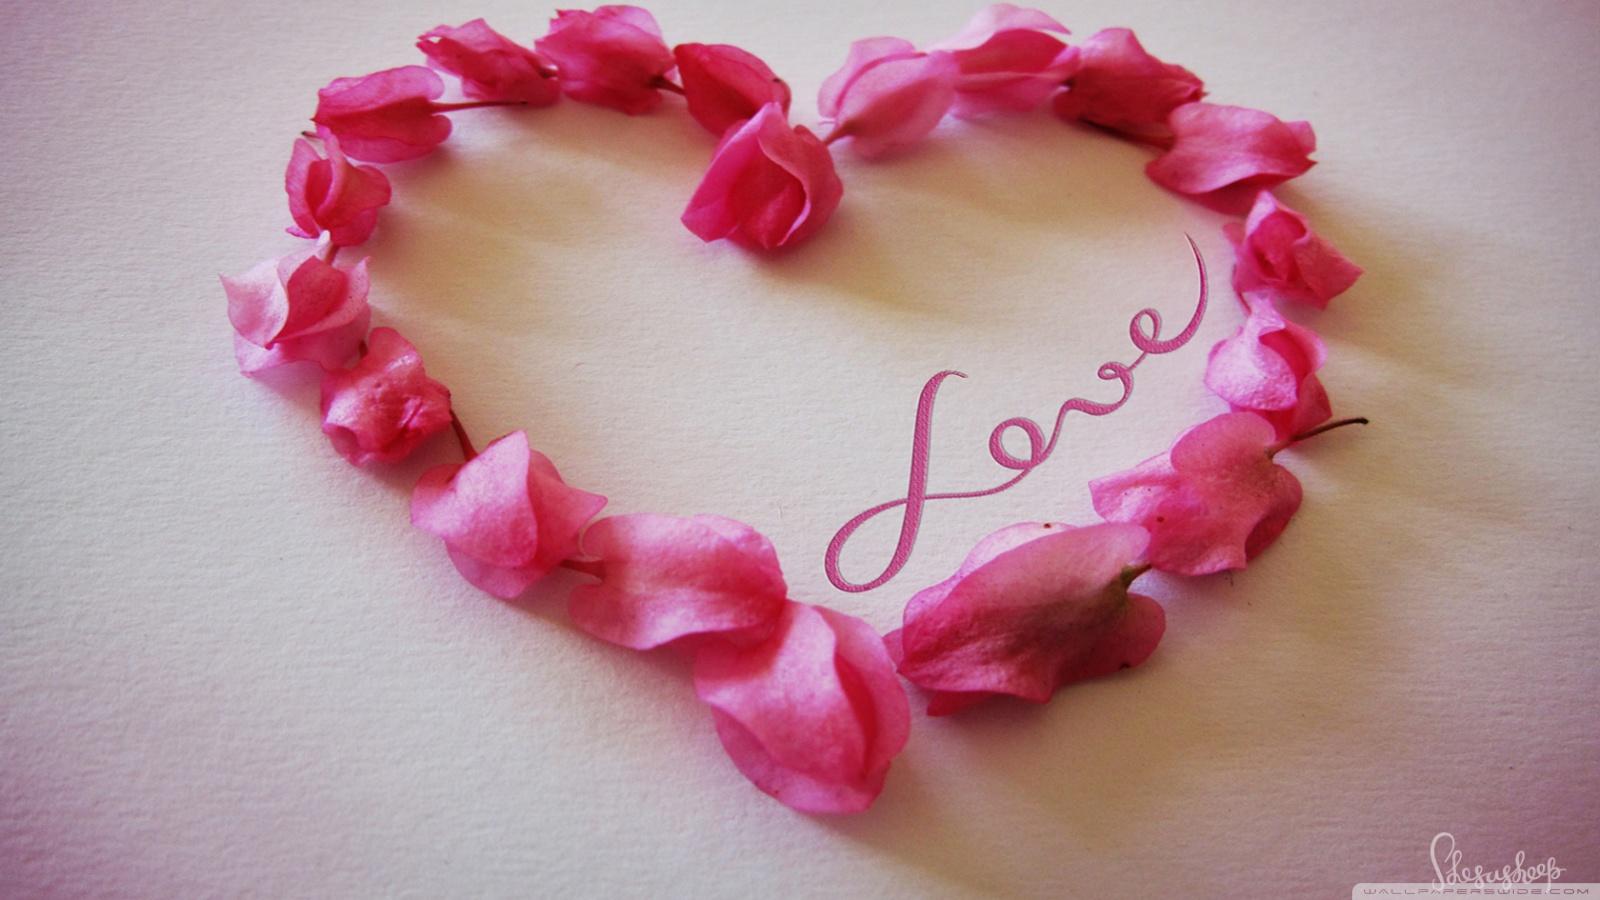 Wallpaper of roses and hearts wallpapersafari - Pink roses and hearts wallpaper ...